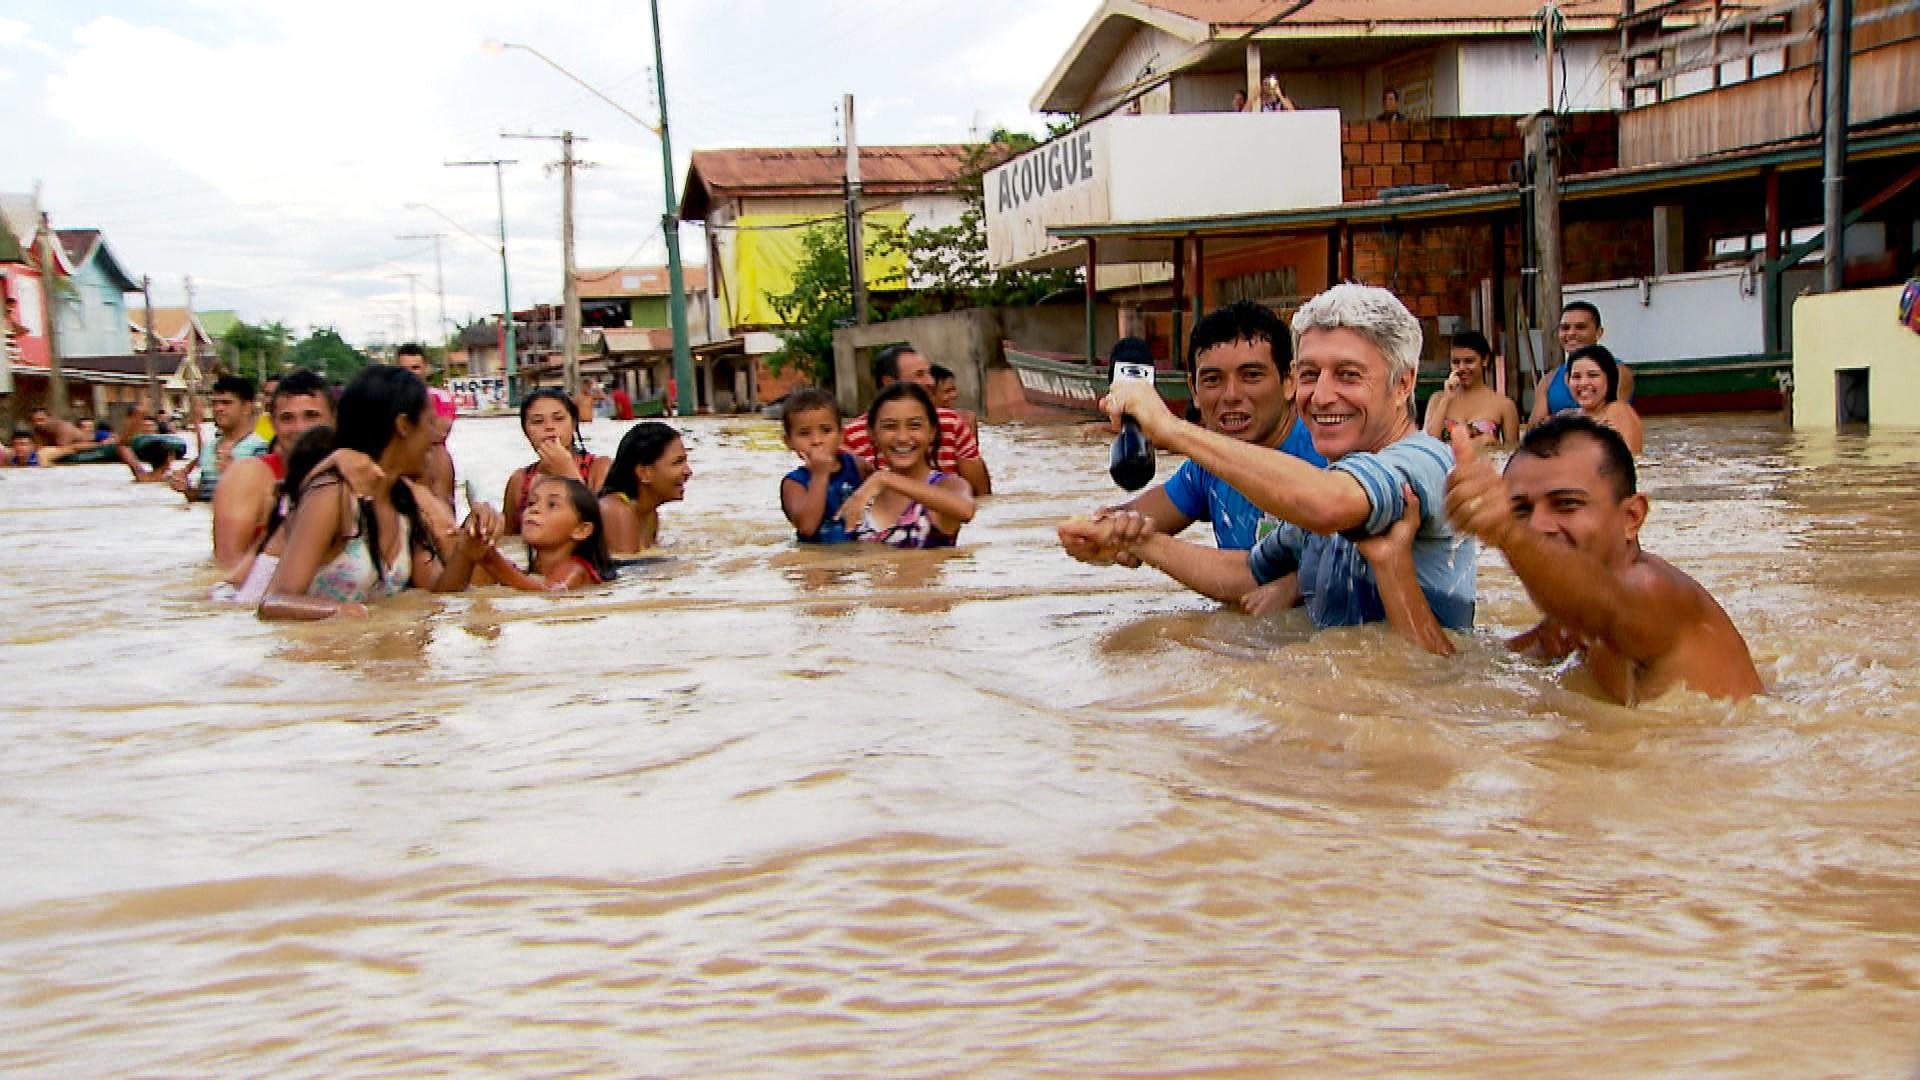 Moradores de Boca do Acre ajudam Caco Barcellos a enfrentar a correnteza das ruas alagadas (Fotos: Divulgação/Globo)